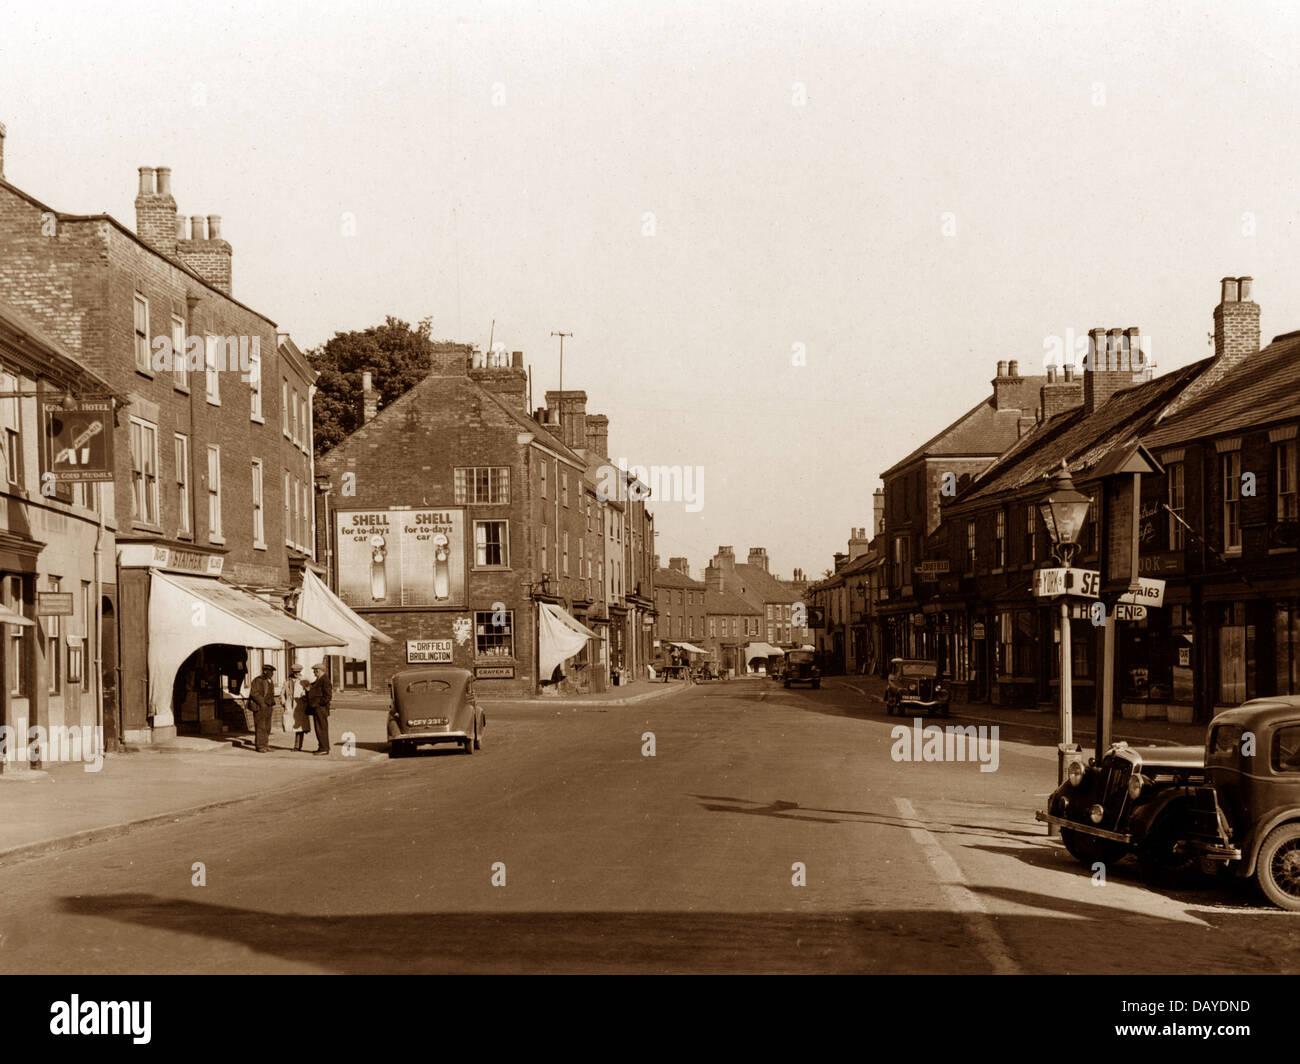 Market Weighton Marktplatz wahrscheinlich 1930/40er Jahre Stockbild